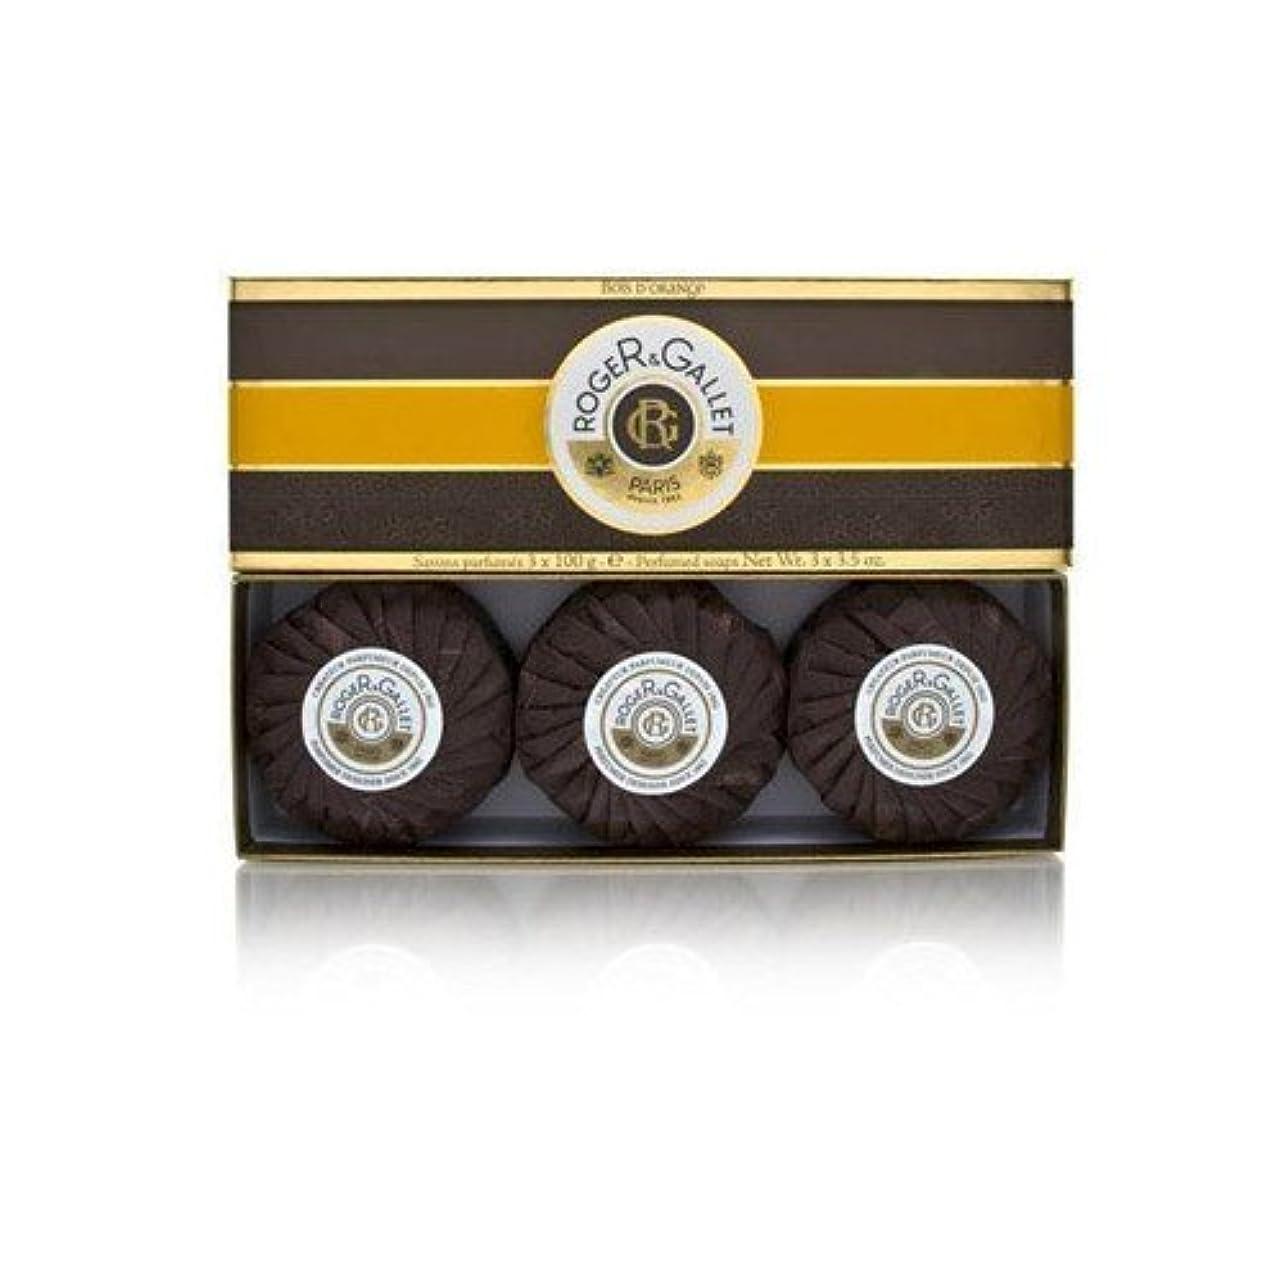 バタフライお互いあいまいさロジェガレ ボワ ドランジュ (オレンジツリー) 香水石鹸3個セット ROGER&GALLET BOIS D'ORANGE PERFUMED SOAP [0161]